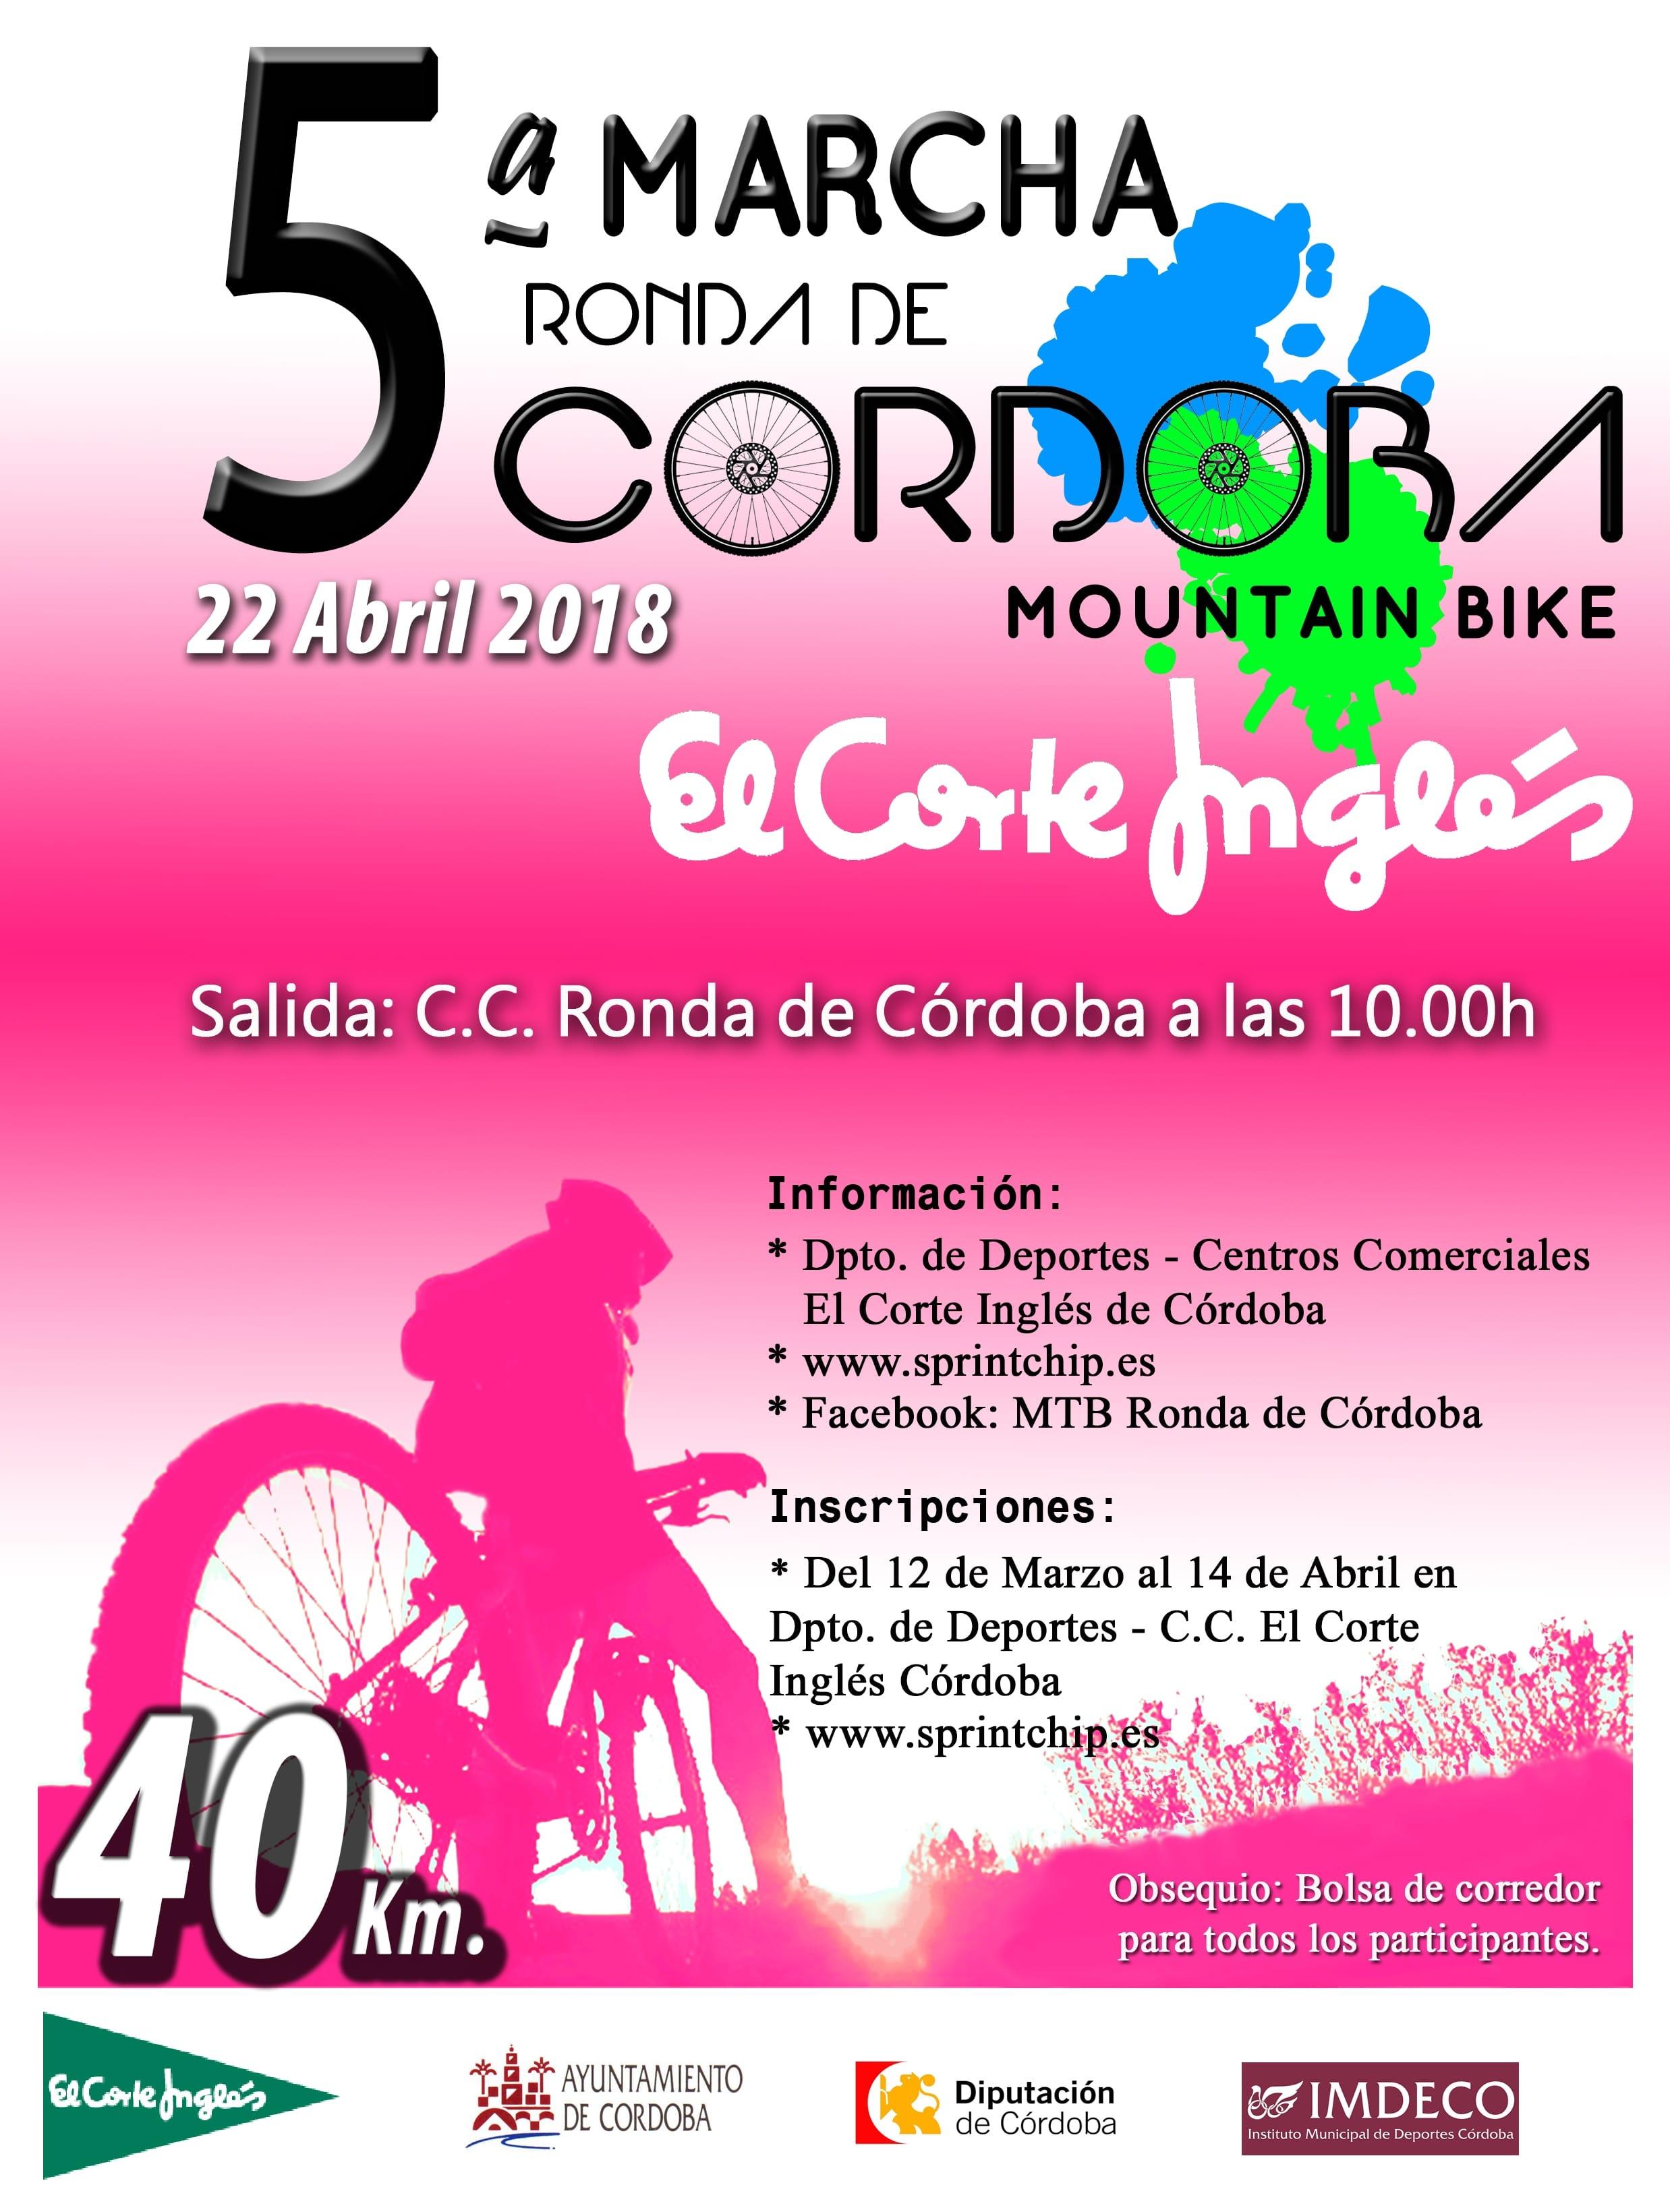 5ª MTB Ronda a Córdoba 'El Corte Inglés' - Sprint Chip